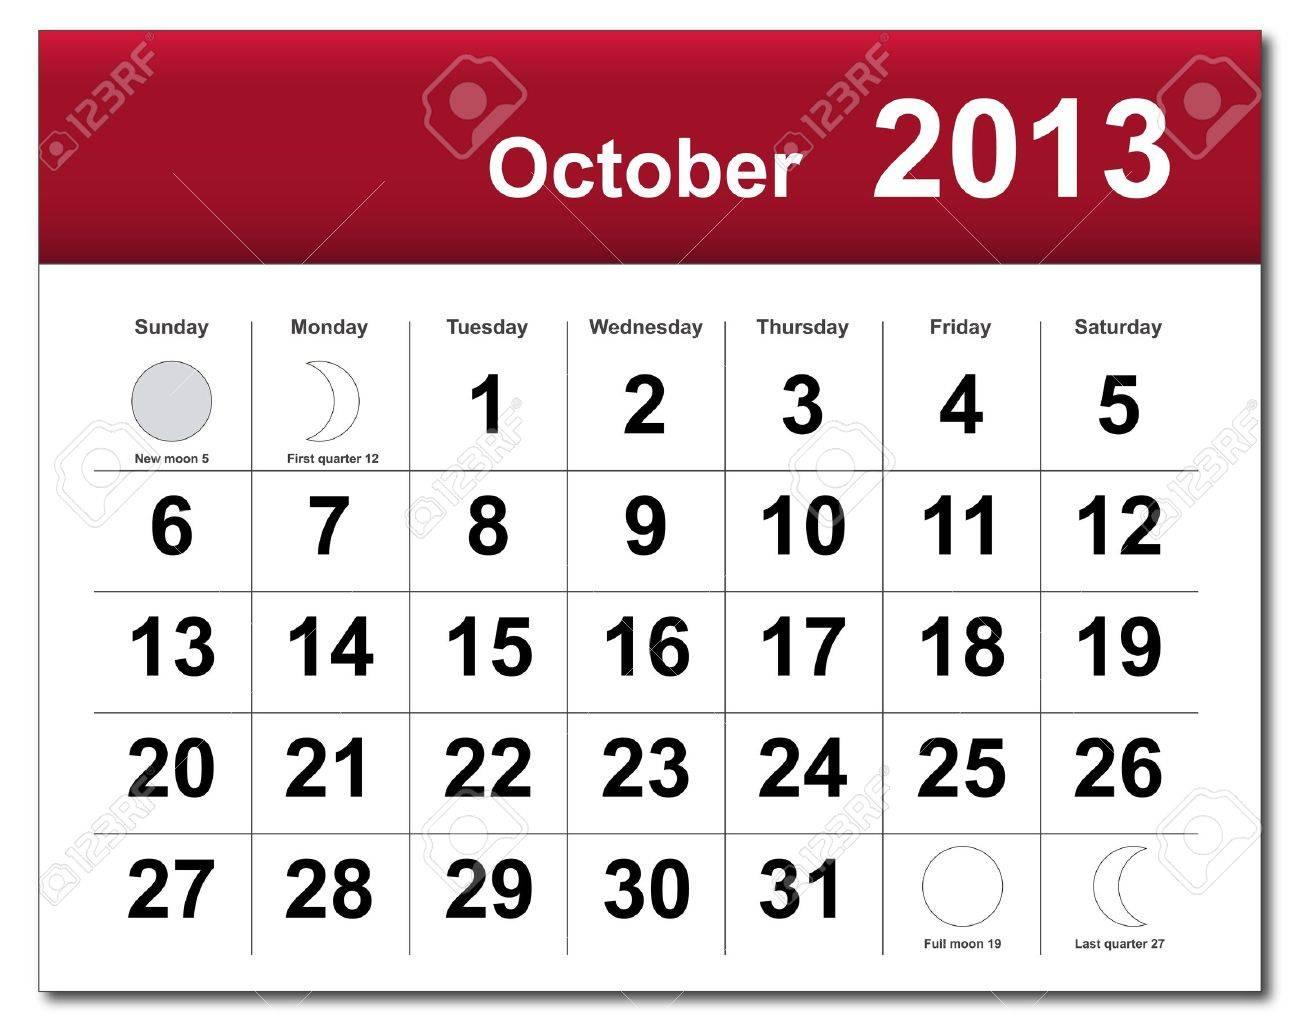 October 2013 calendar. Stock Vector - 14856368